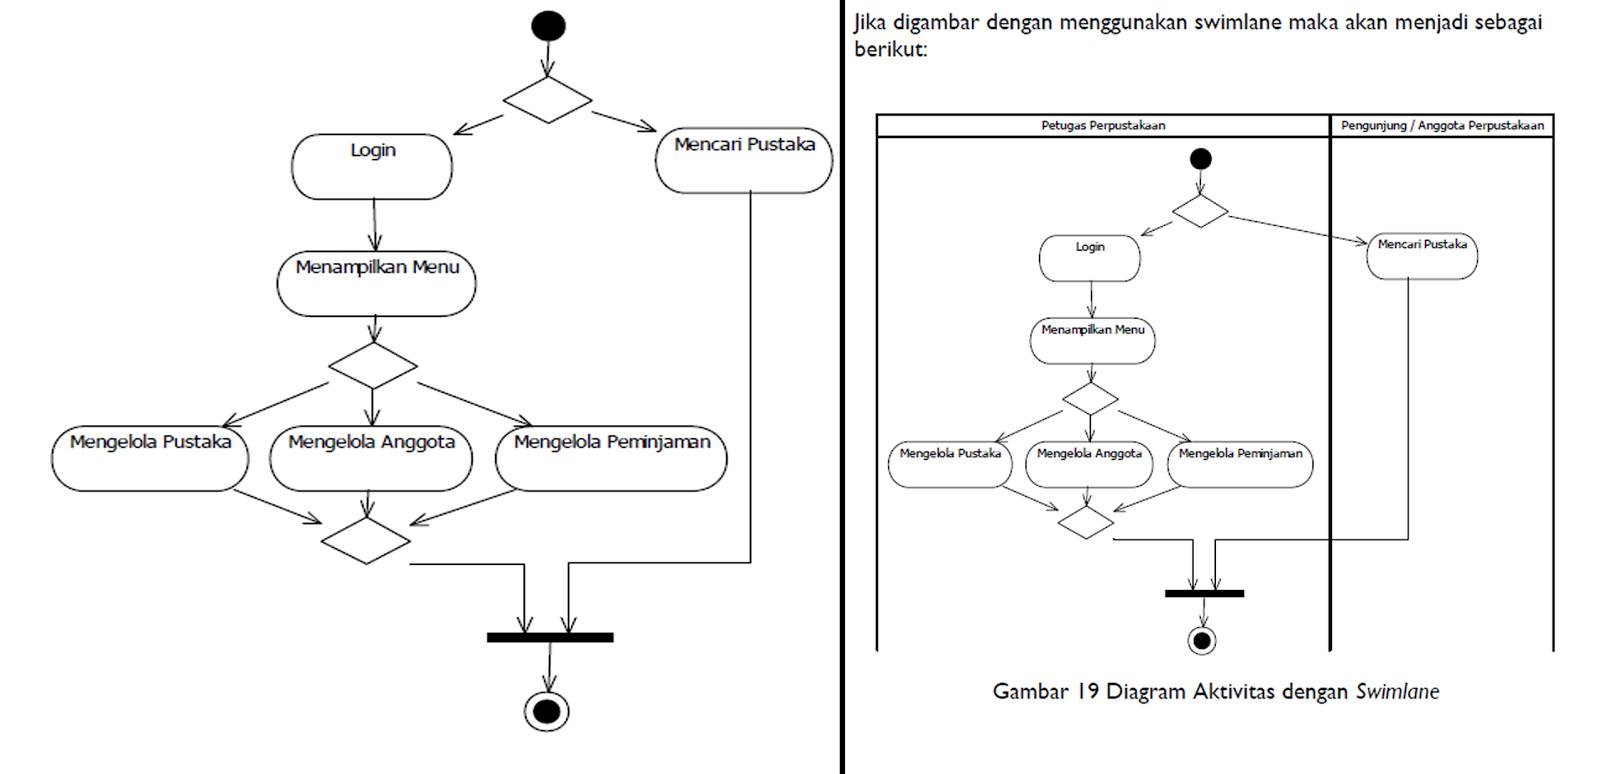 Activity diagram apb studi kasus diambil dari sistem informasi manajemen perpustakaan seperti pada bab bab sebelumnya berikut adalah diagram aktivitas dari sistem informasi ccuart Image collections